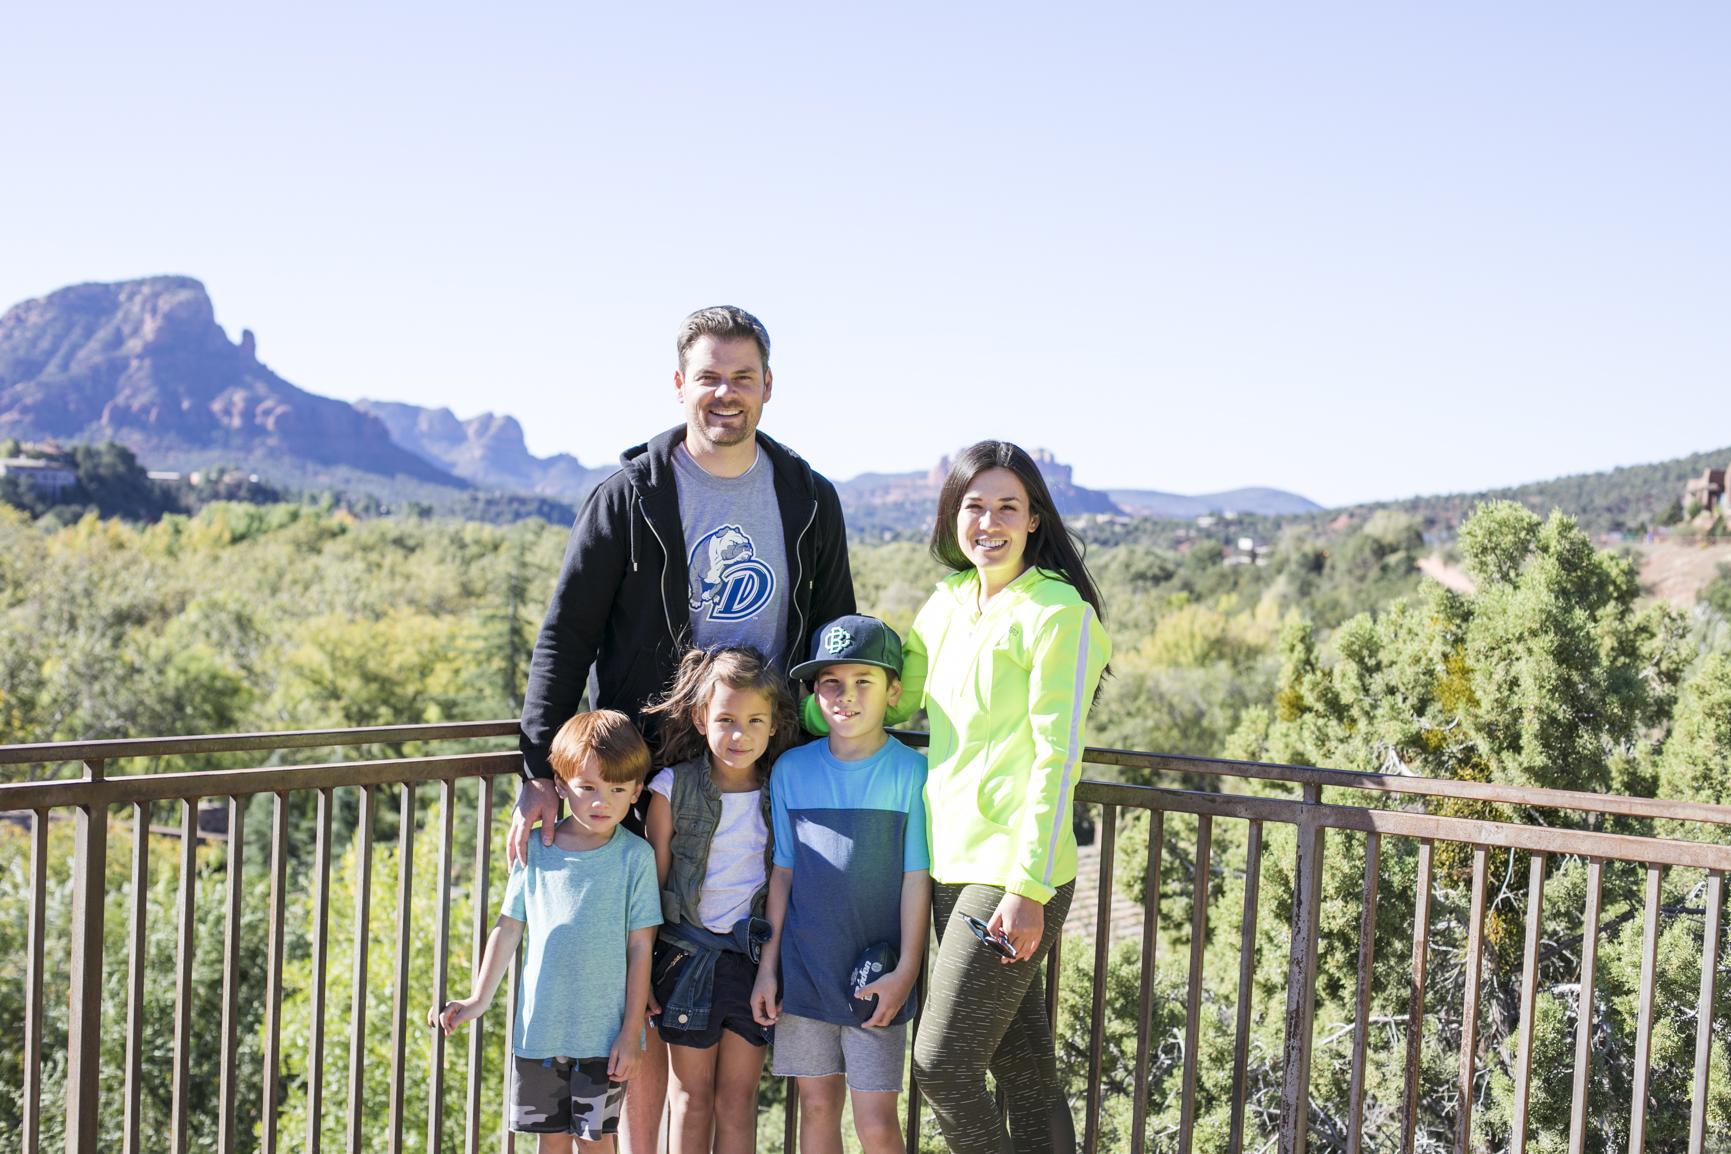 Family Friendly Hotels in Sedona Arizona